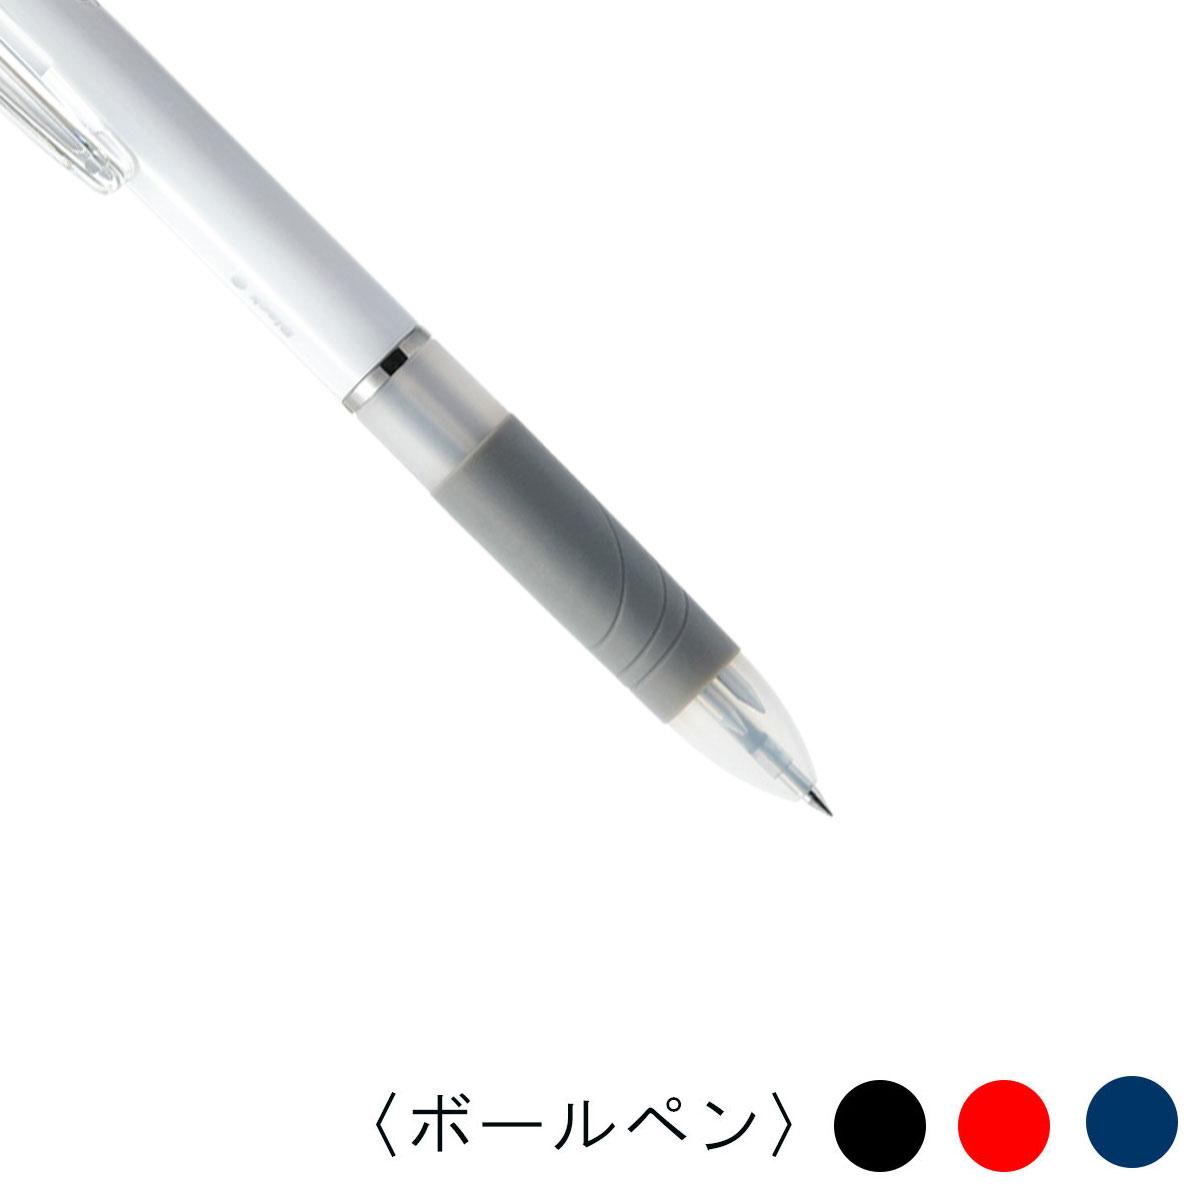 ゼブラ スラリ3C 3色エマルジョンインクボールペン 0.7mm B3A11